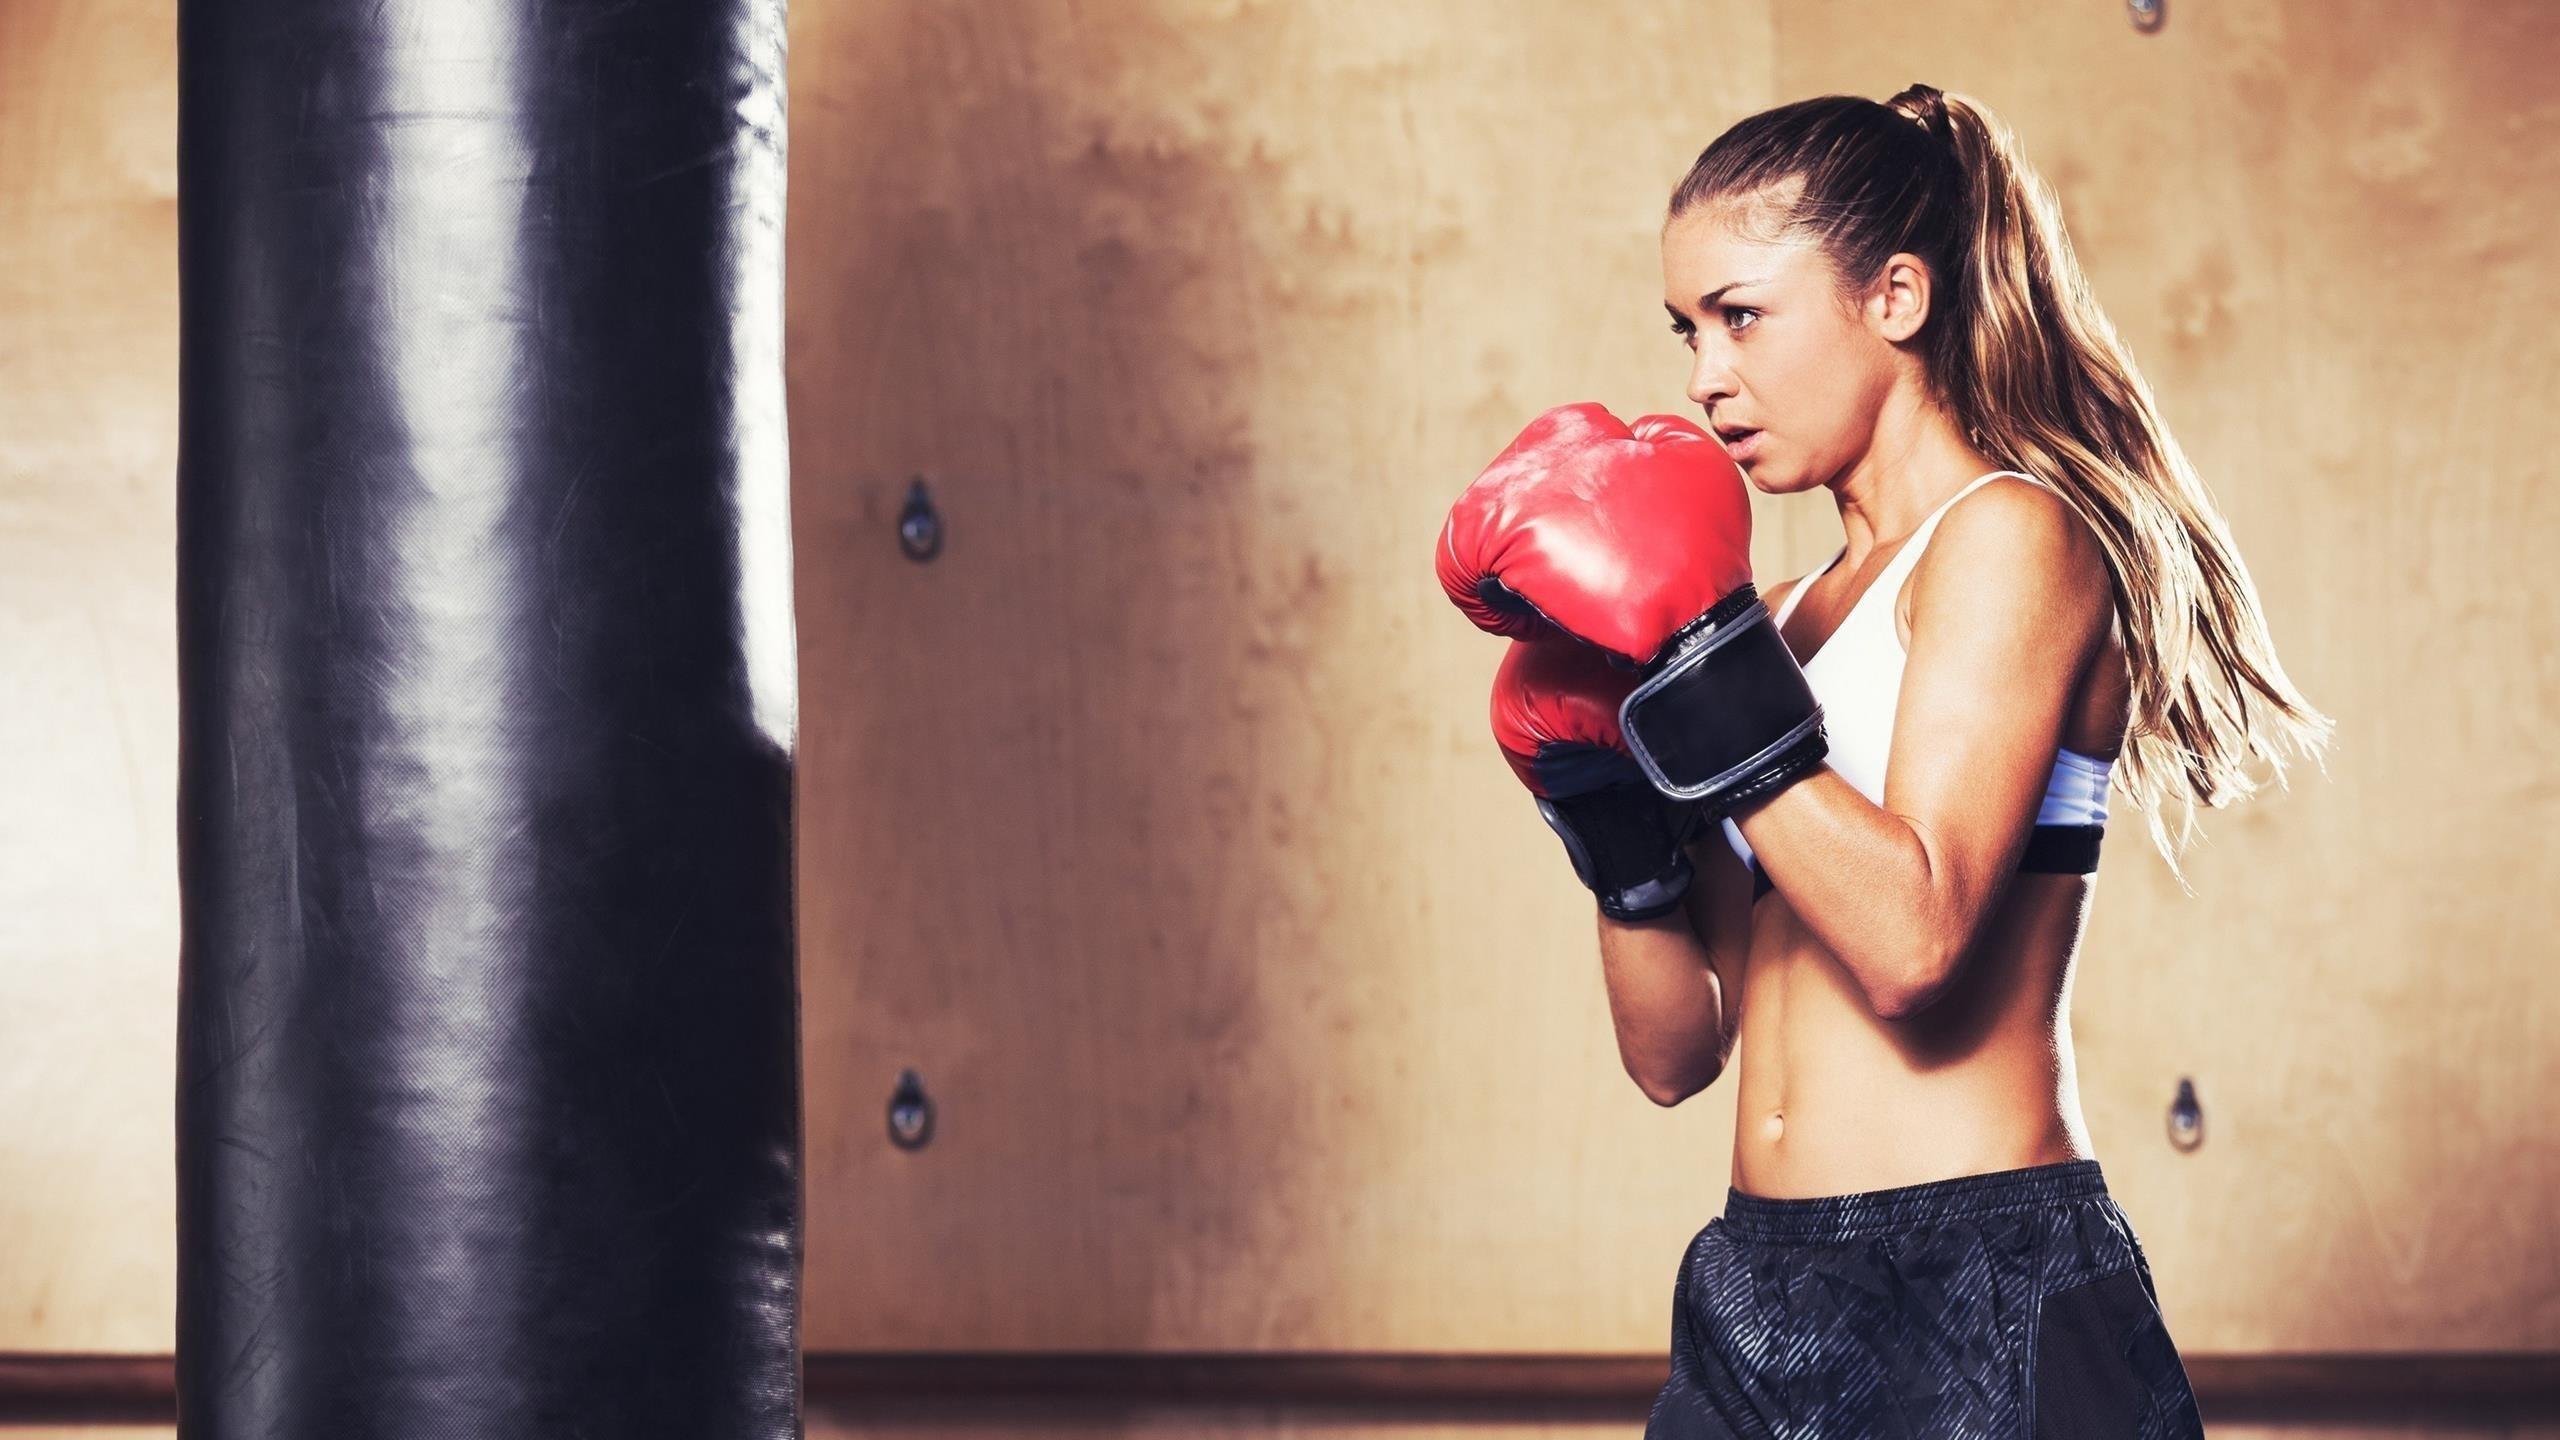 Девушка с конским хвостом в белом черном платье и красных боксерских перчатках бокс обои скачать